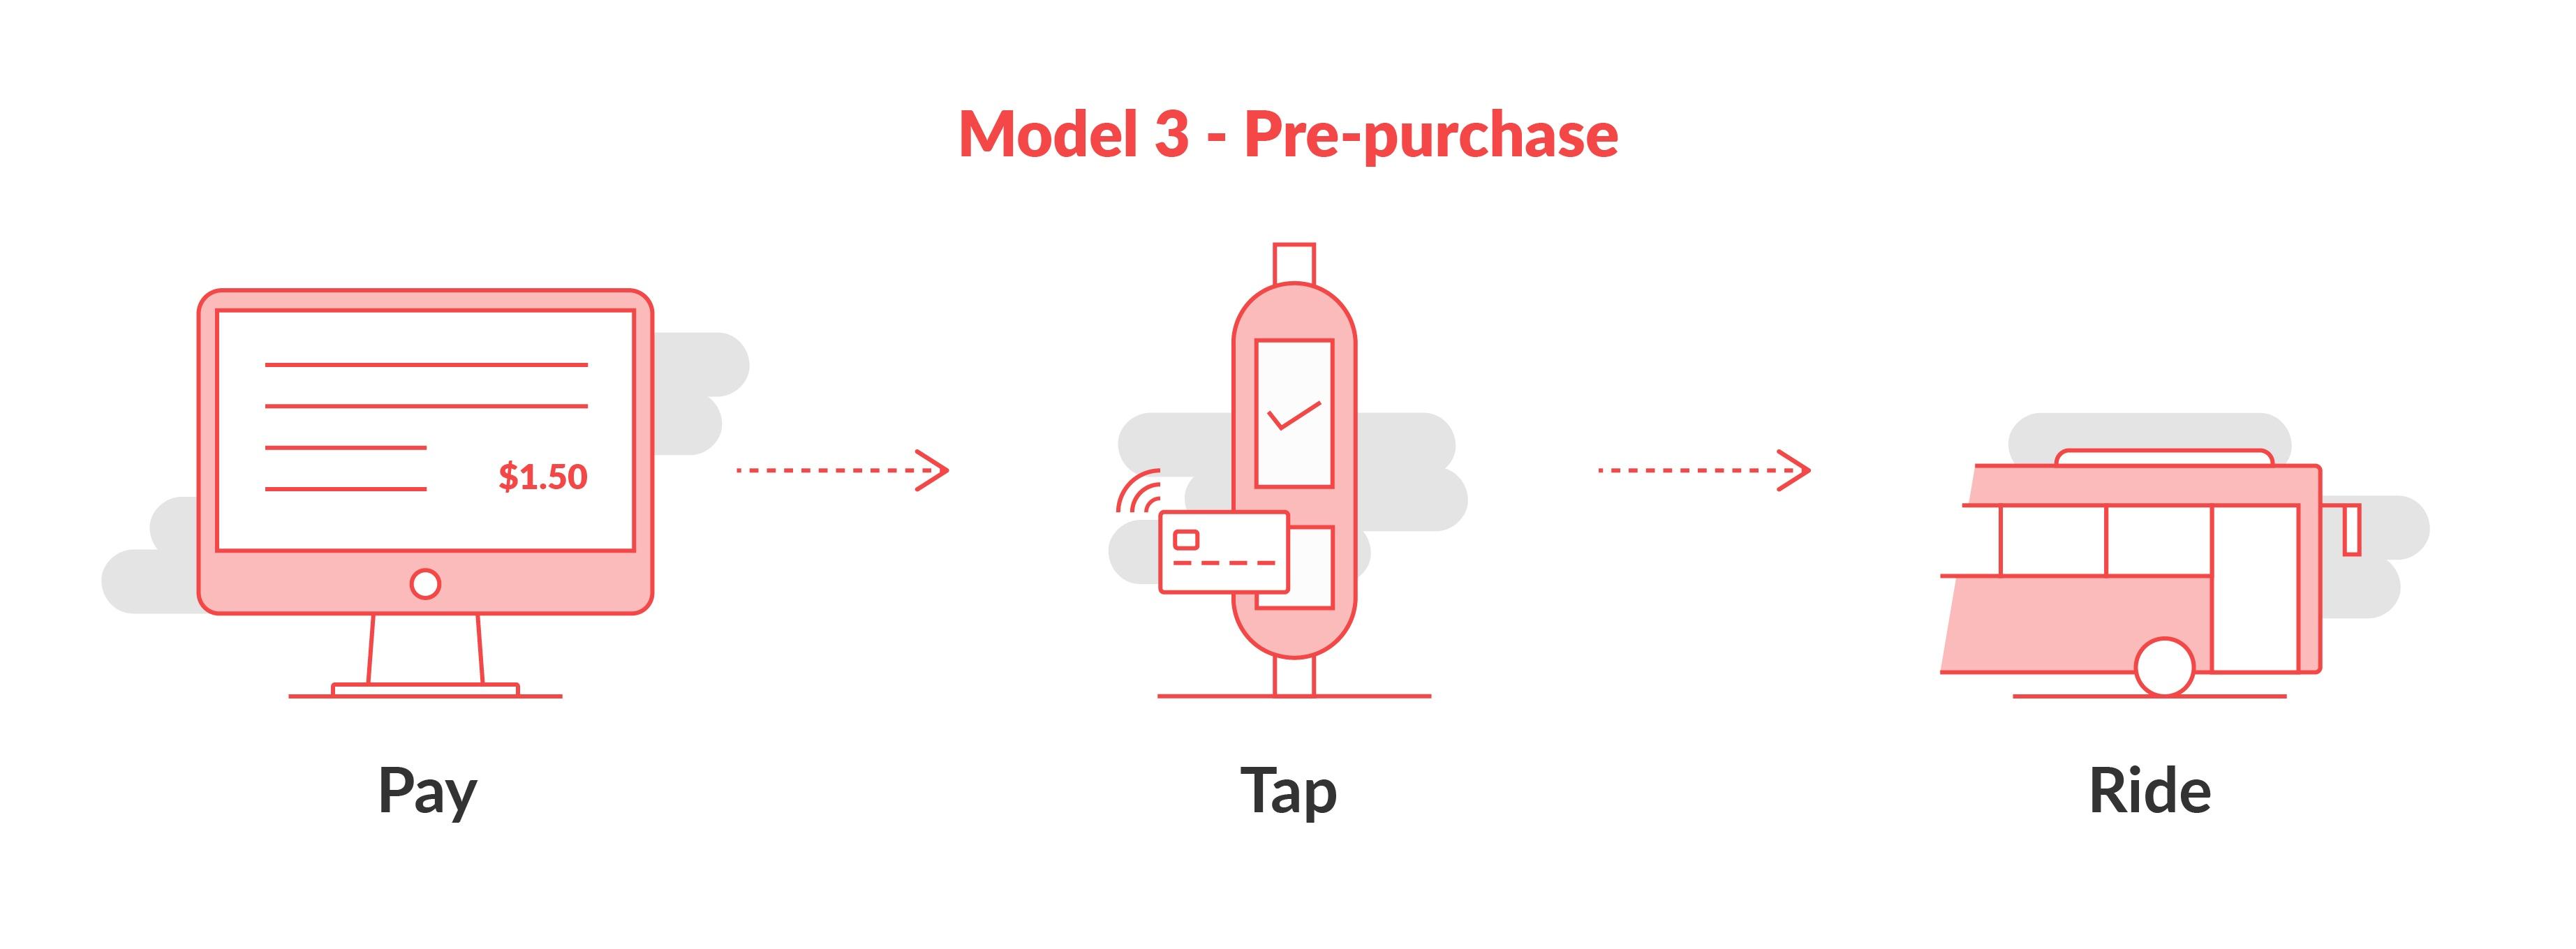 model-3-pre-purchase